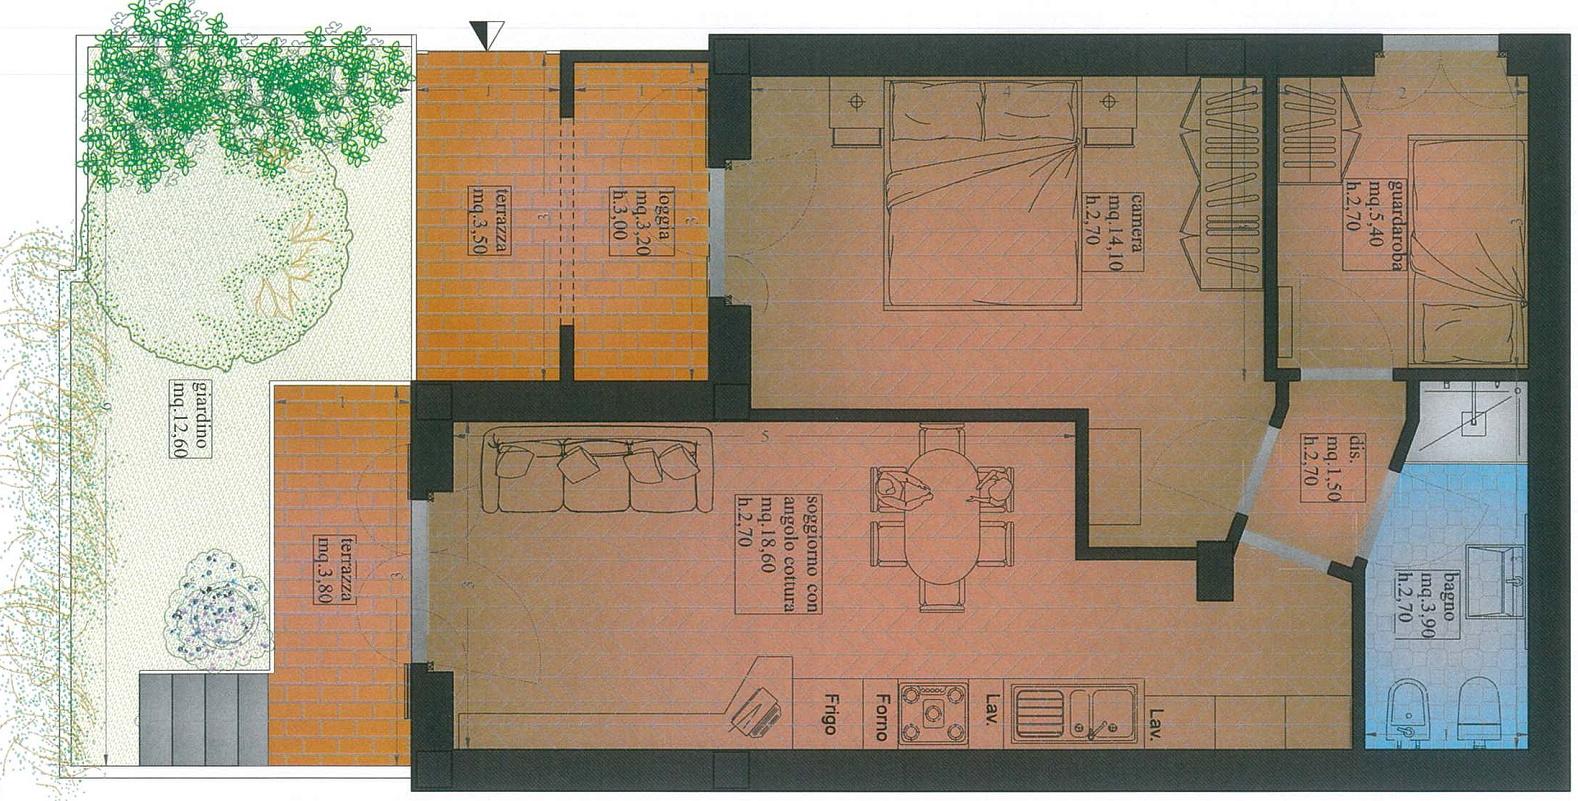 Appartamento in vendita, rif. 02414 (Planimetria 3/3)